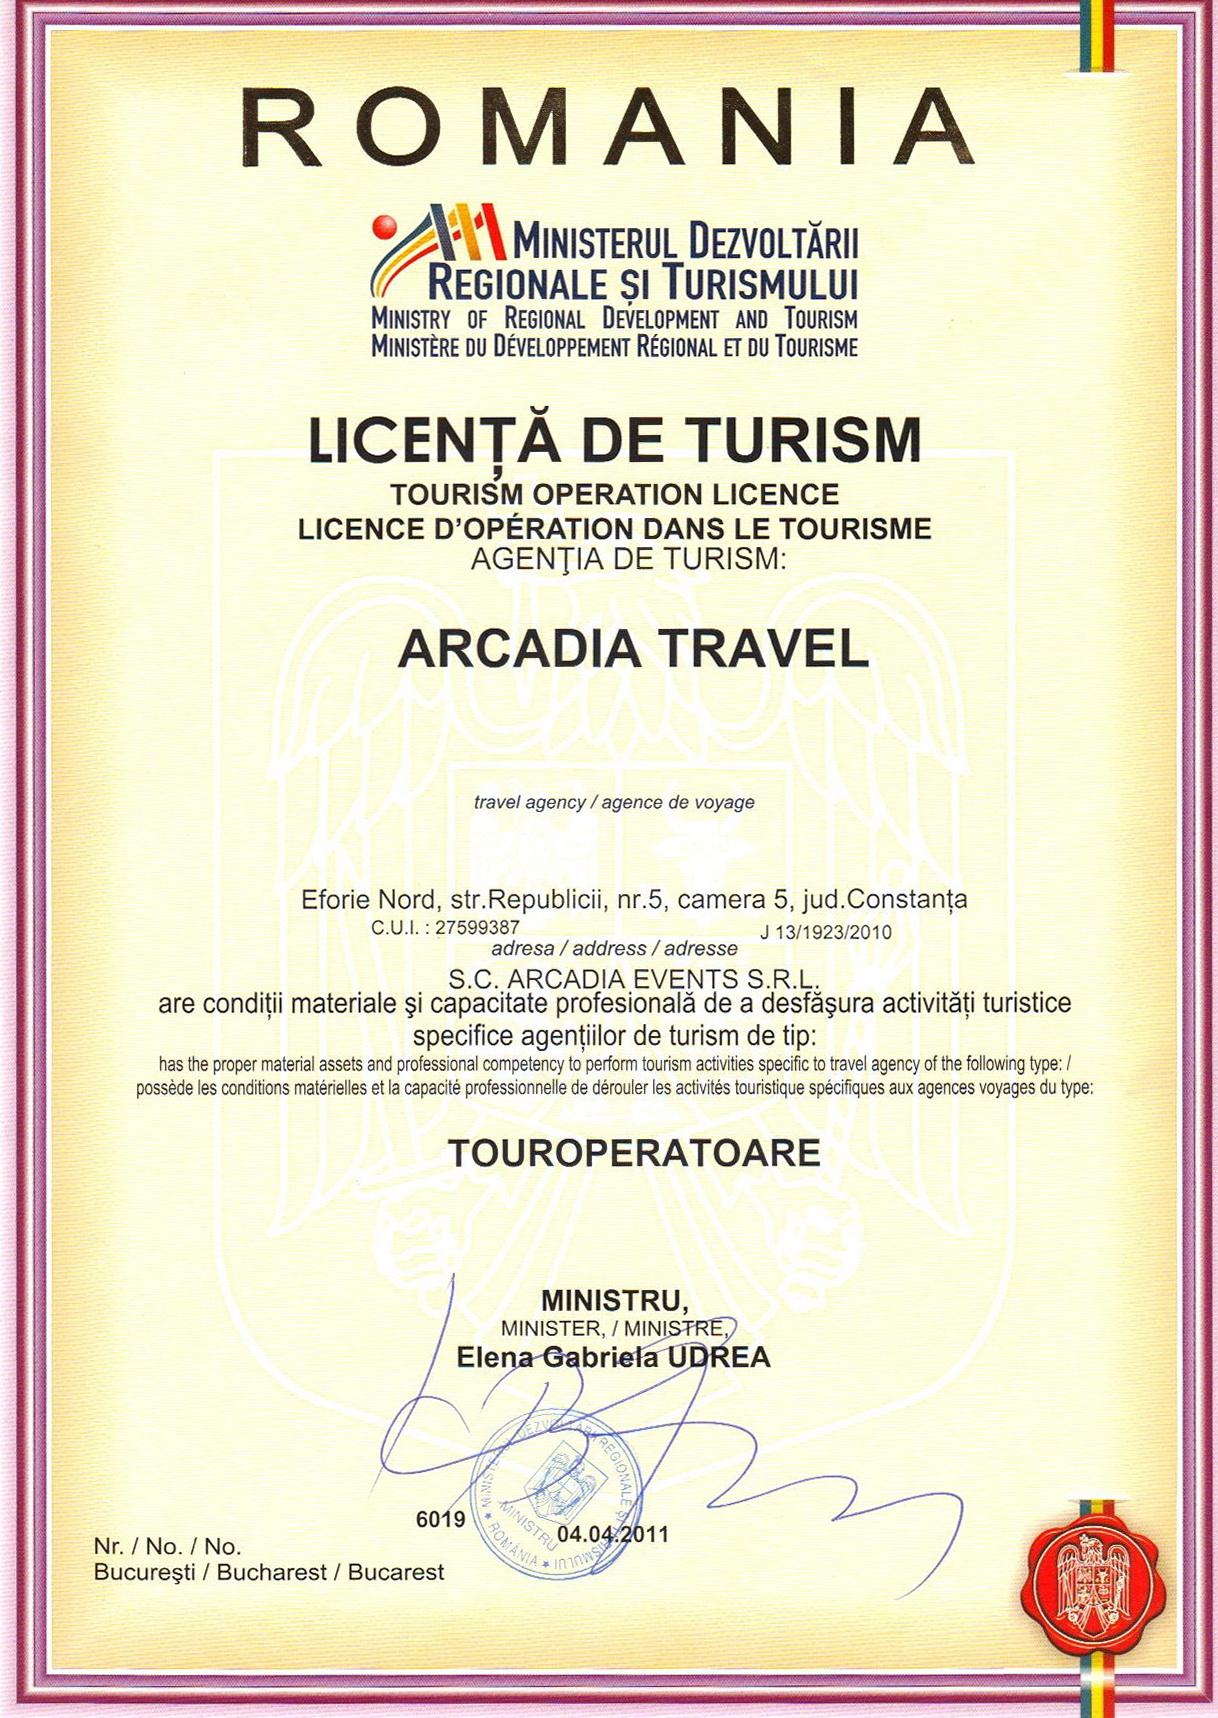 Licenta agentie turism Arcadia Travel